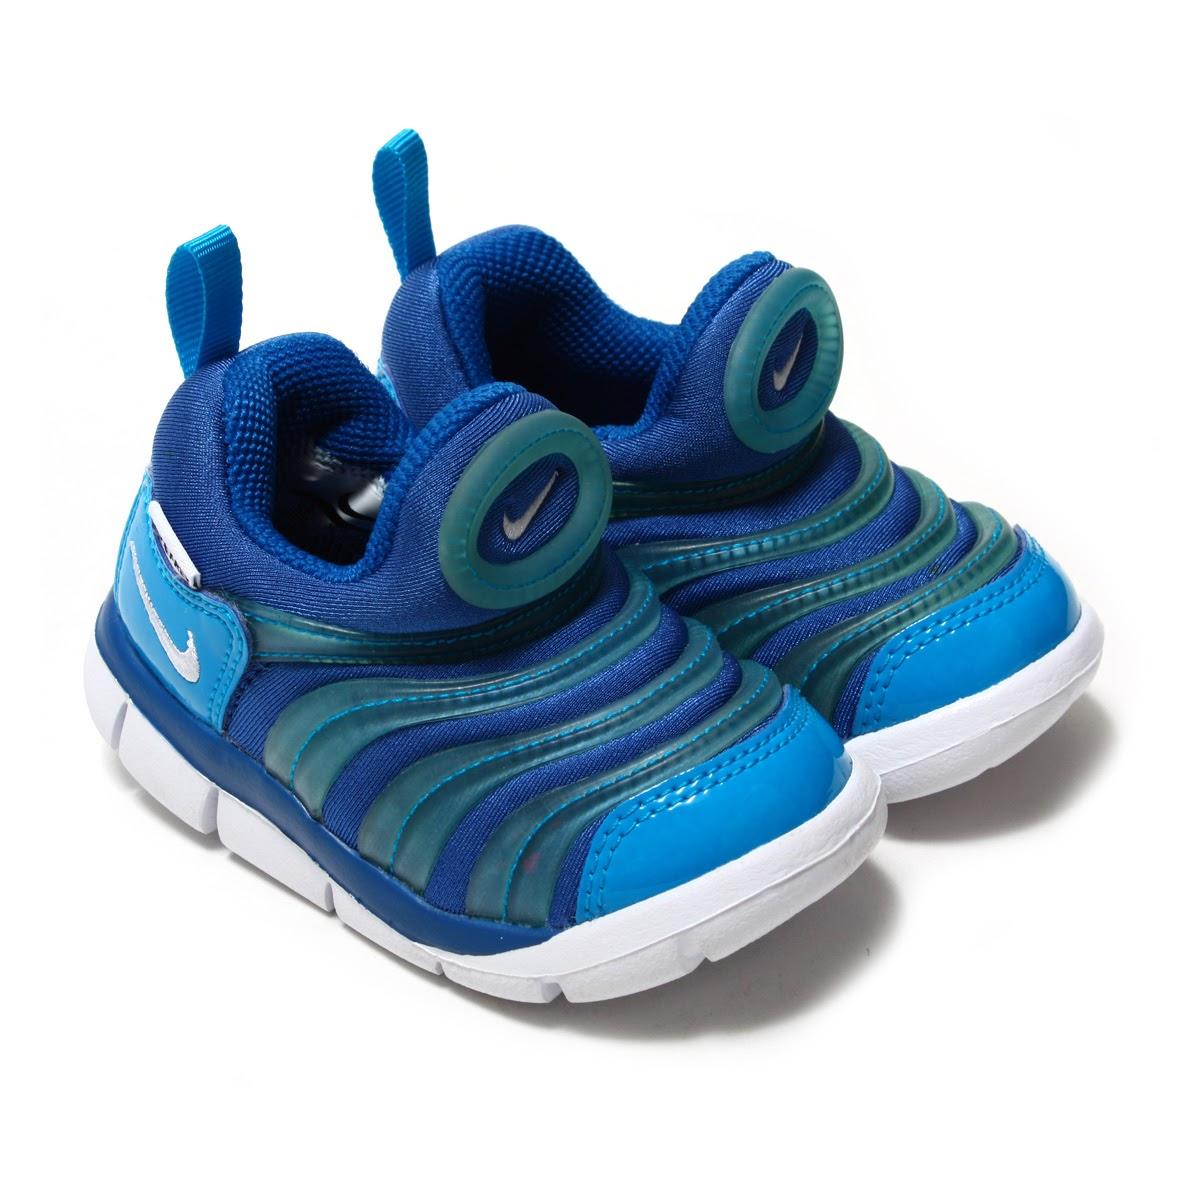 fbd71021c1f4 NIKE DYNAMO FREE (TD) (Nike dynamo-free TD) BLUE JAY WHITE-BLUE ORBIT 17FA-I